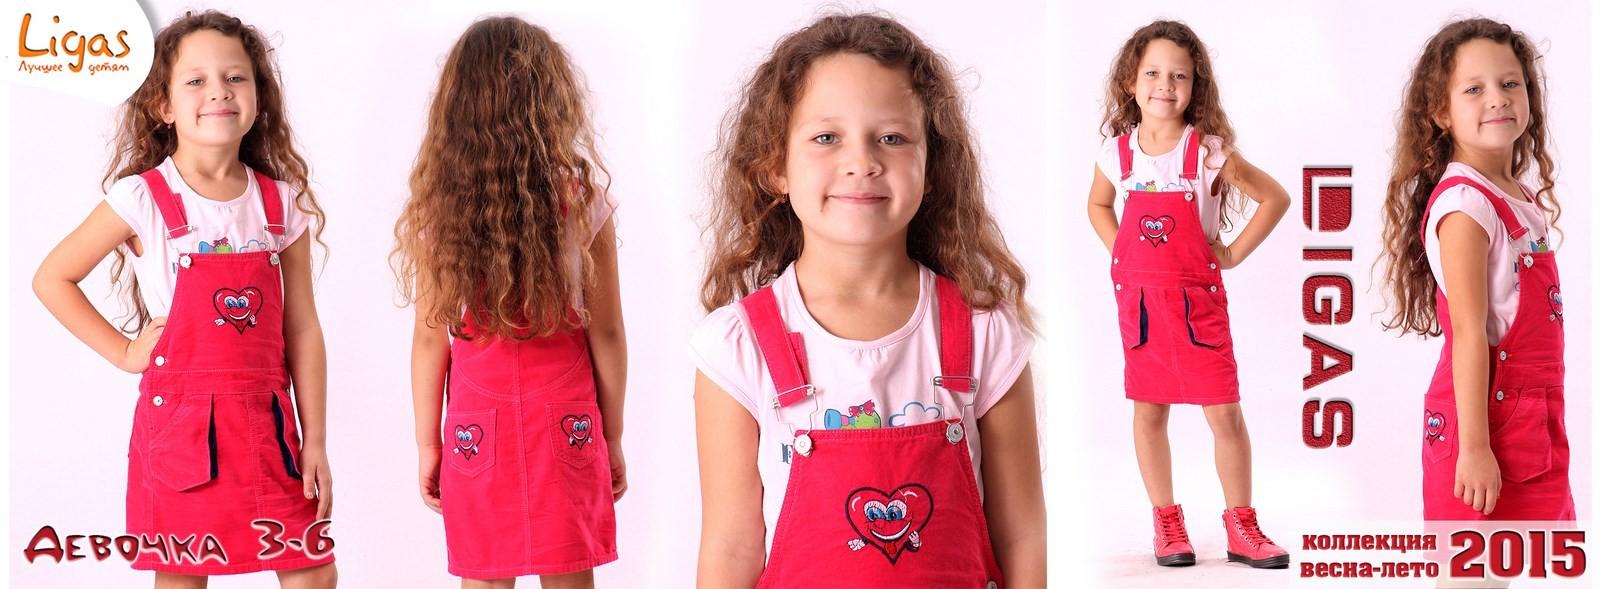 Сбор заказов-7. Распродажа коллекции прошлого года детской джинсовой и вельветовой одежды ТМ Ligas, Fabex, Republik